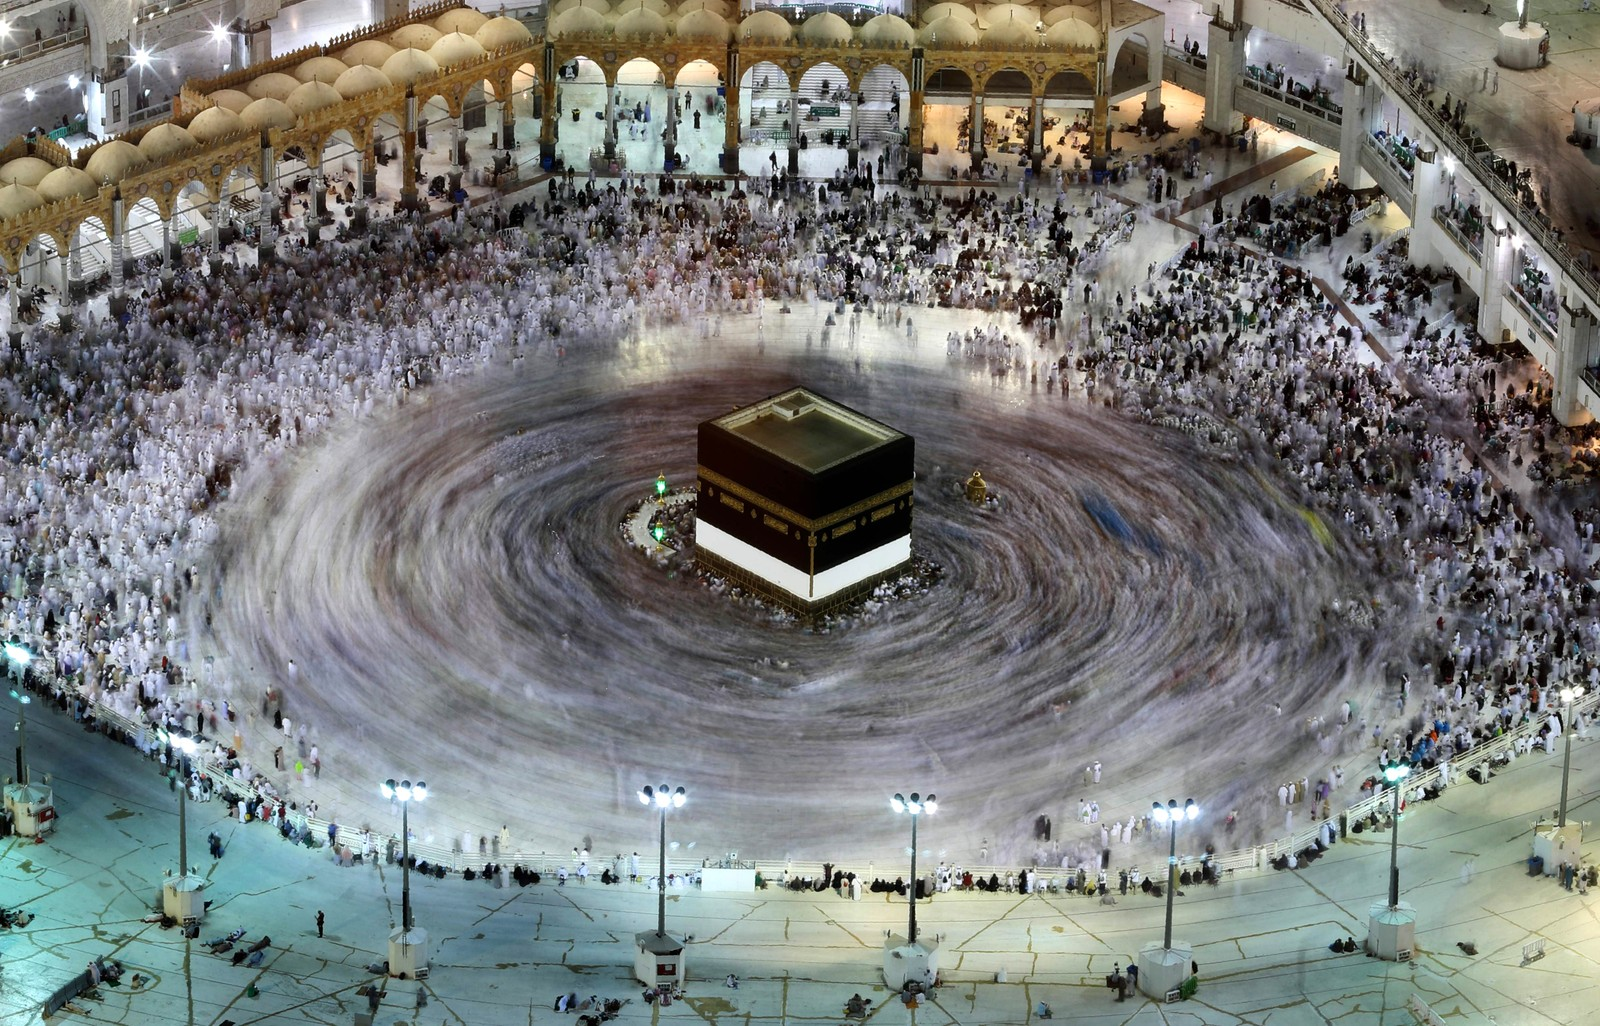 Et bilde tatt med lang lukkertid viser muslimske pilgrimmer som går rund Kaaba, den islamske sentrale helligdommen i Mekka i Saudi-Arabia.